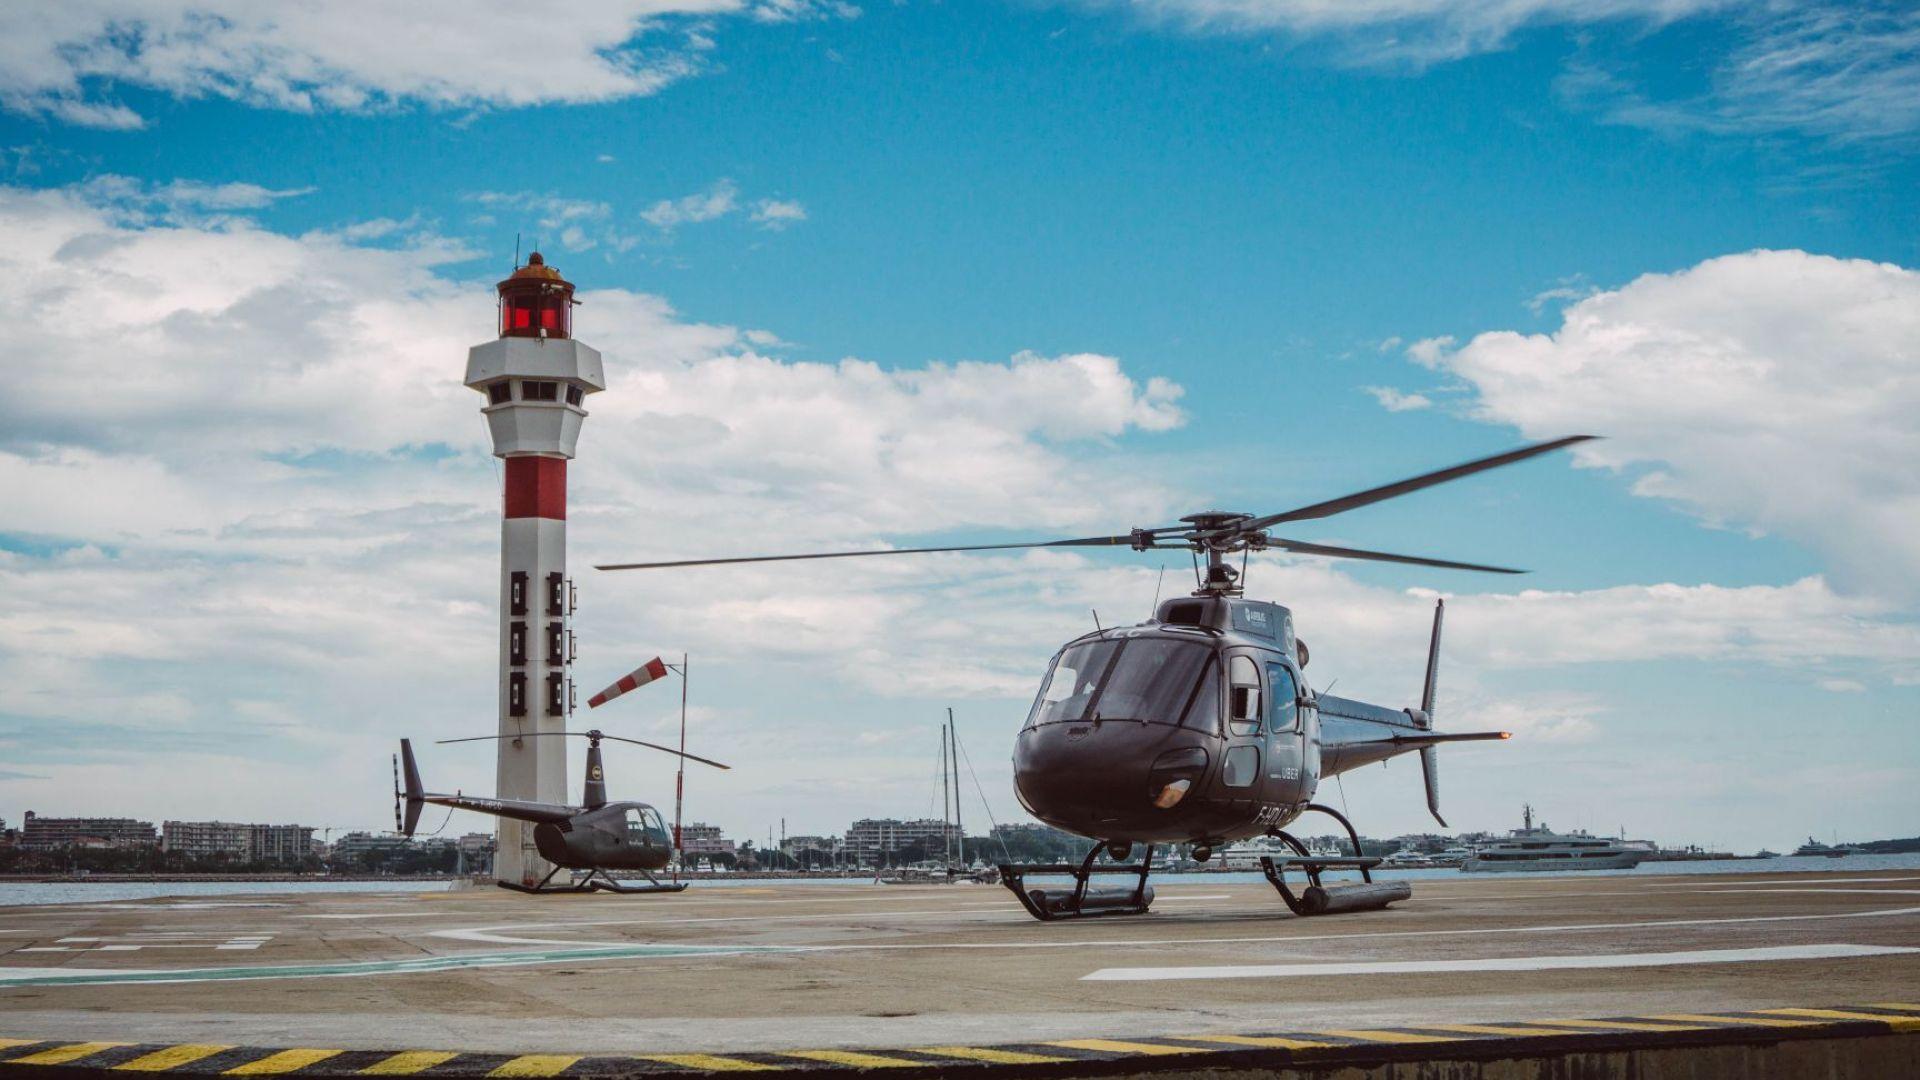 Хеликоптерите-таксита на Юбър завладяват Азия